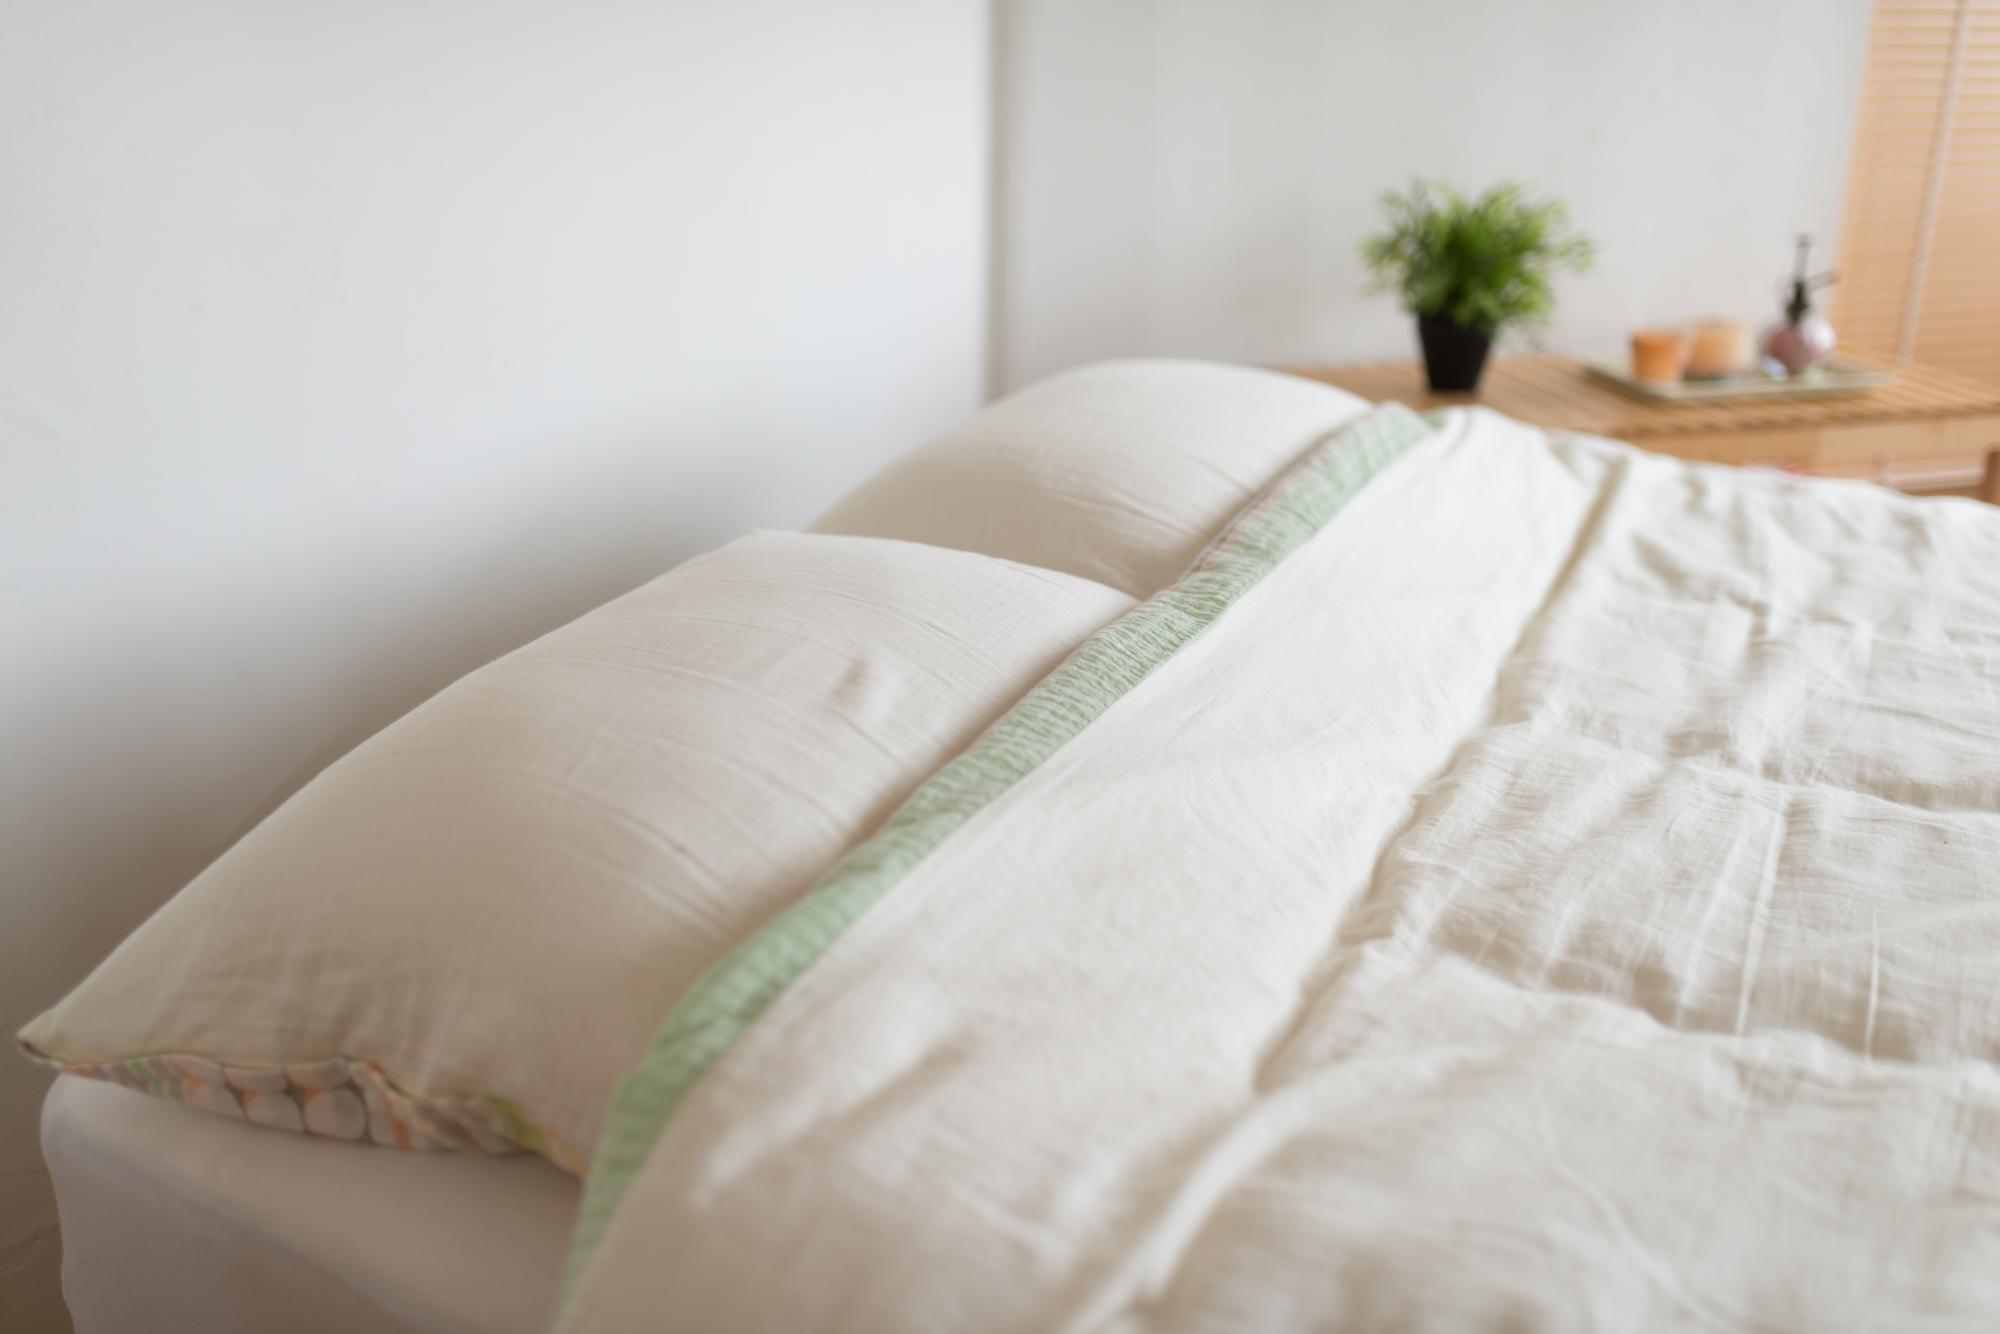 後悔しないために!ベッドを捨てずに収納できるおすすめの保管場所